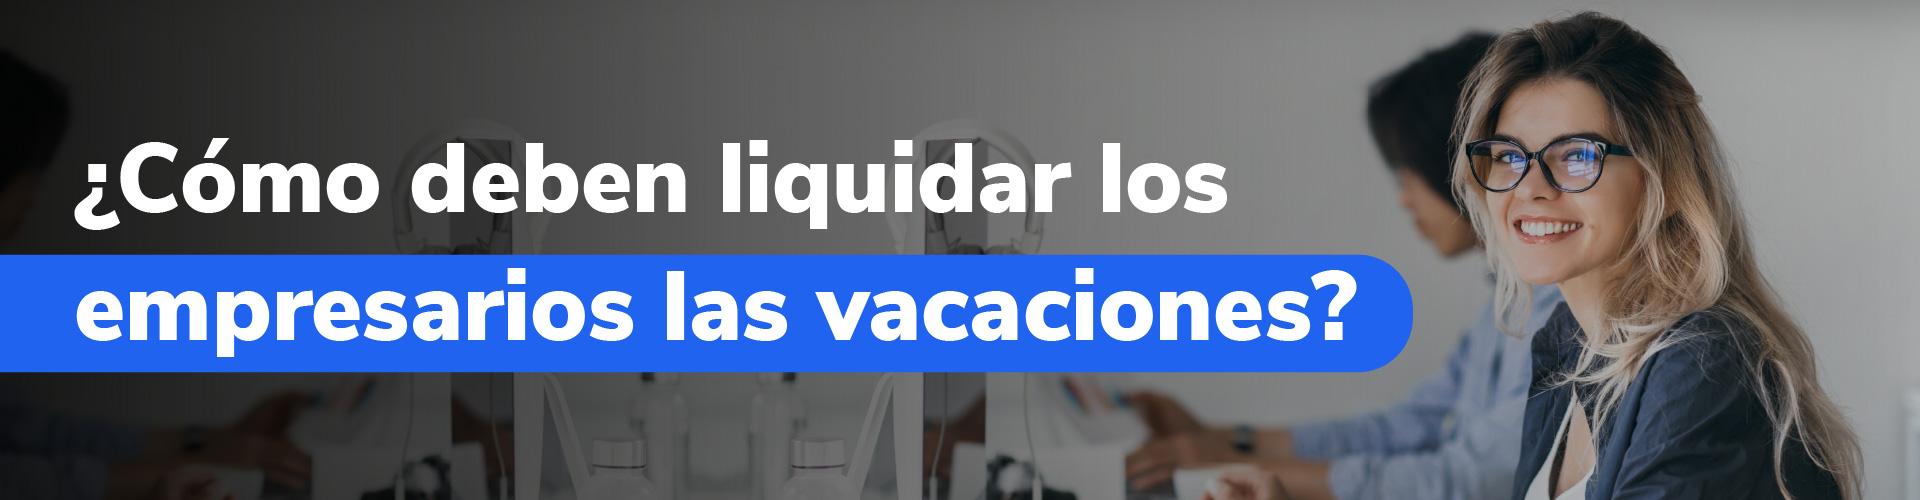 liquidacion-de-vacaciones-principal